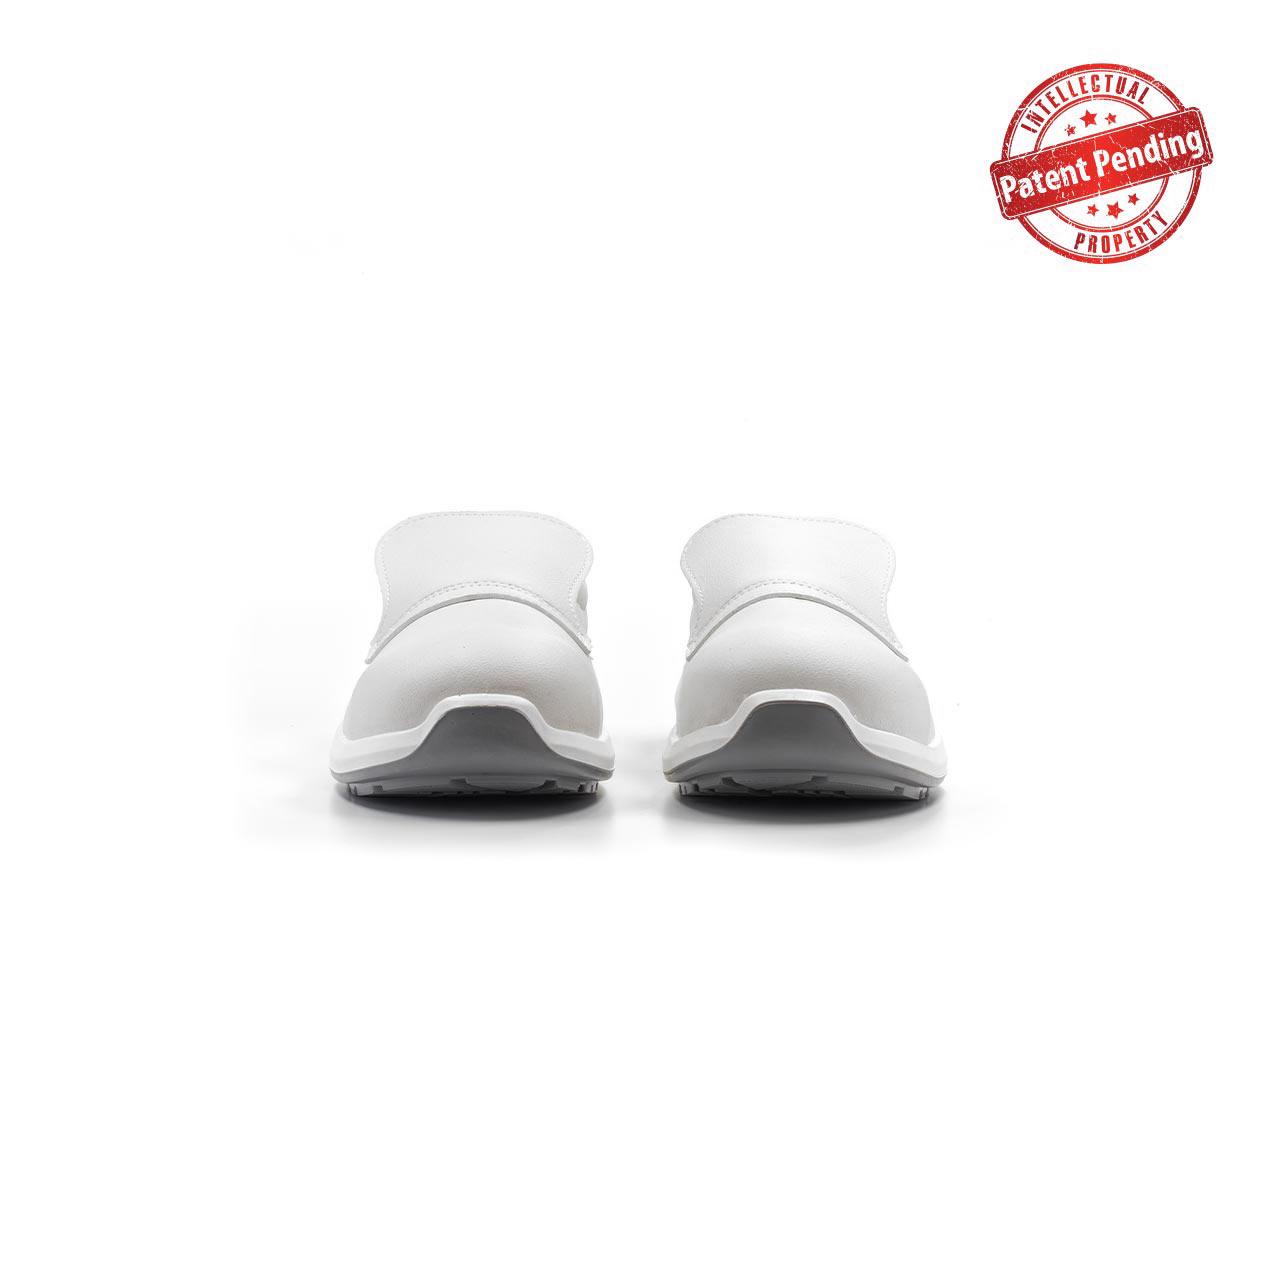 paio di scarpe antinfortunistiche upower modello antares linea redup vista frontale